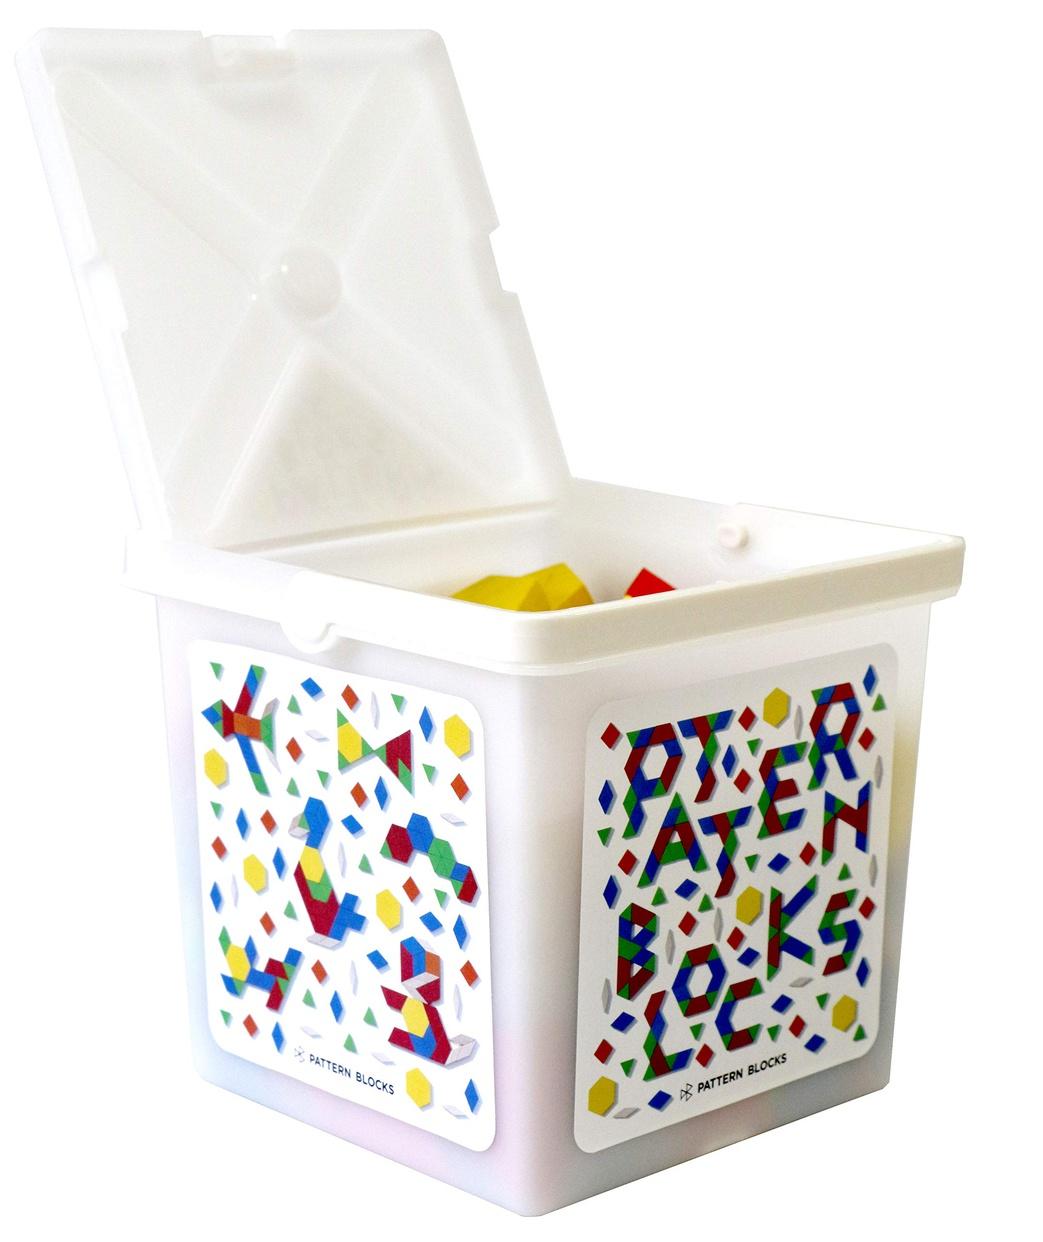 東洋館出版社 パターンブロック タスクカードセットの商品画像3